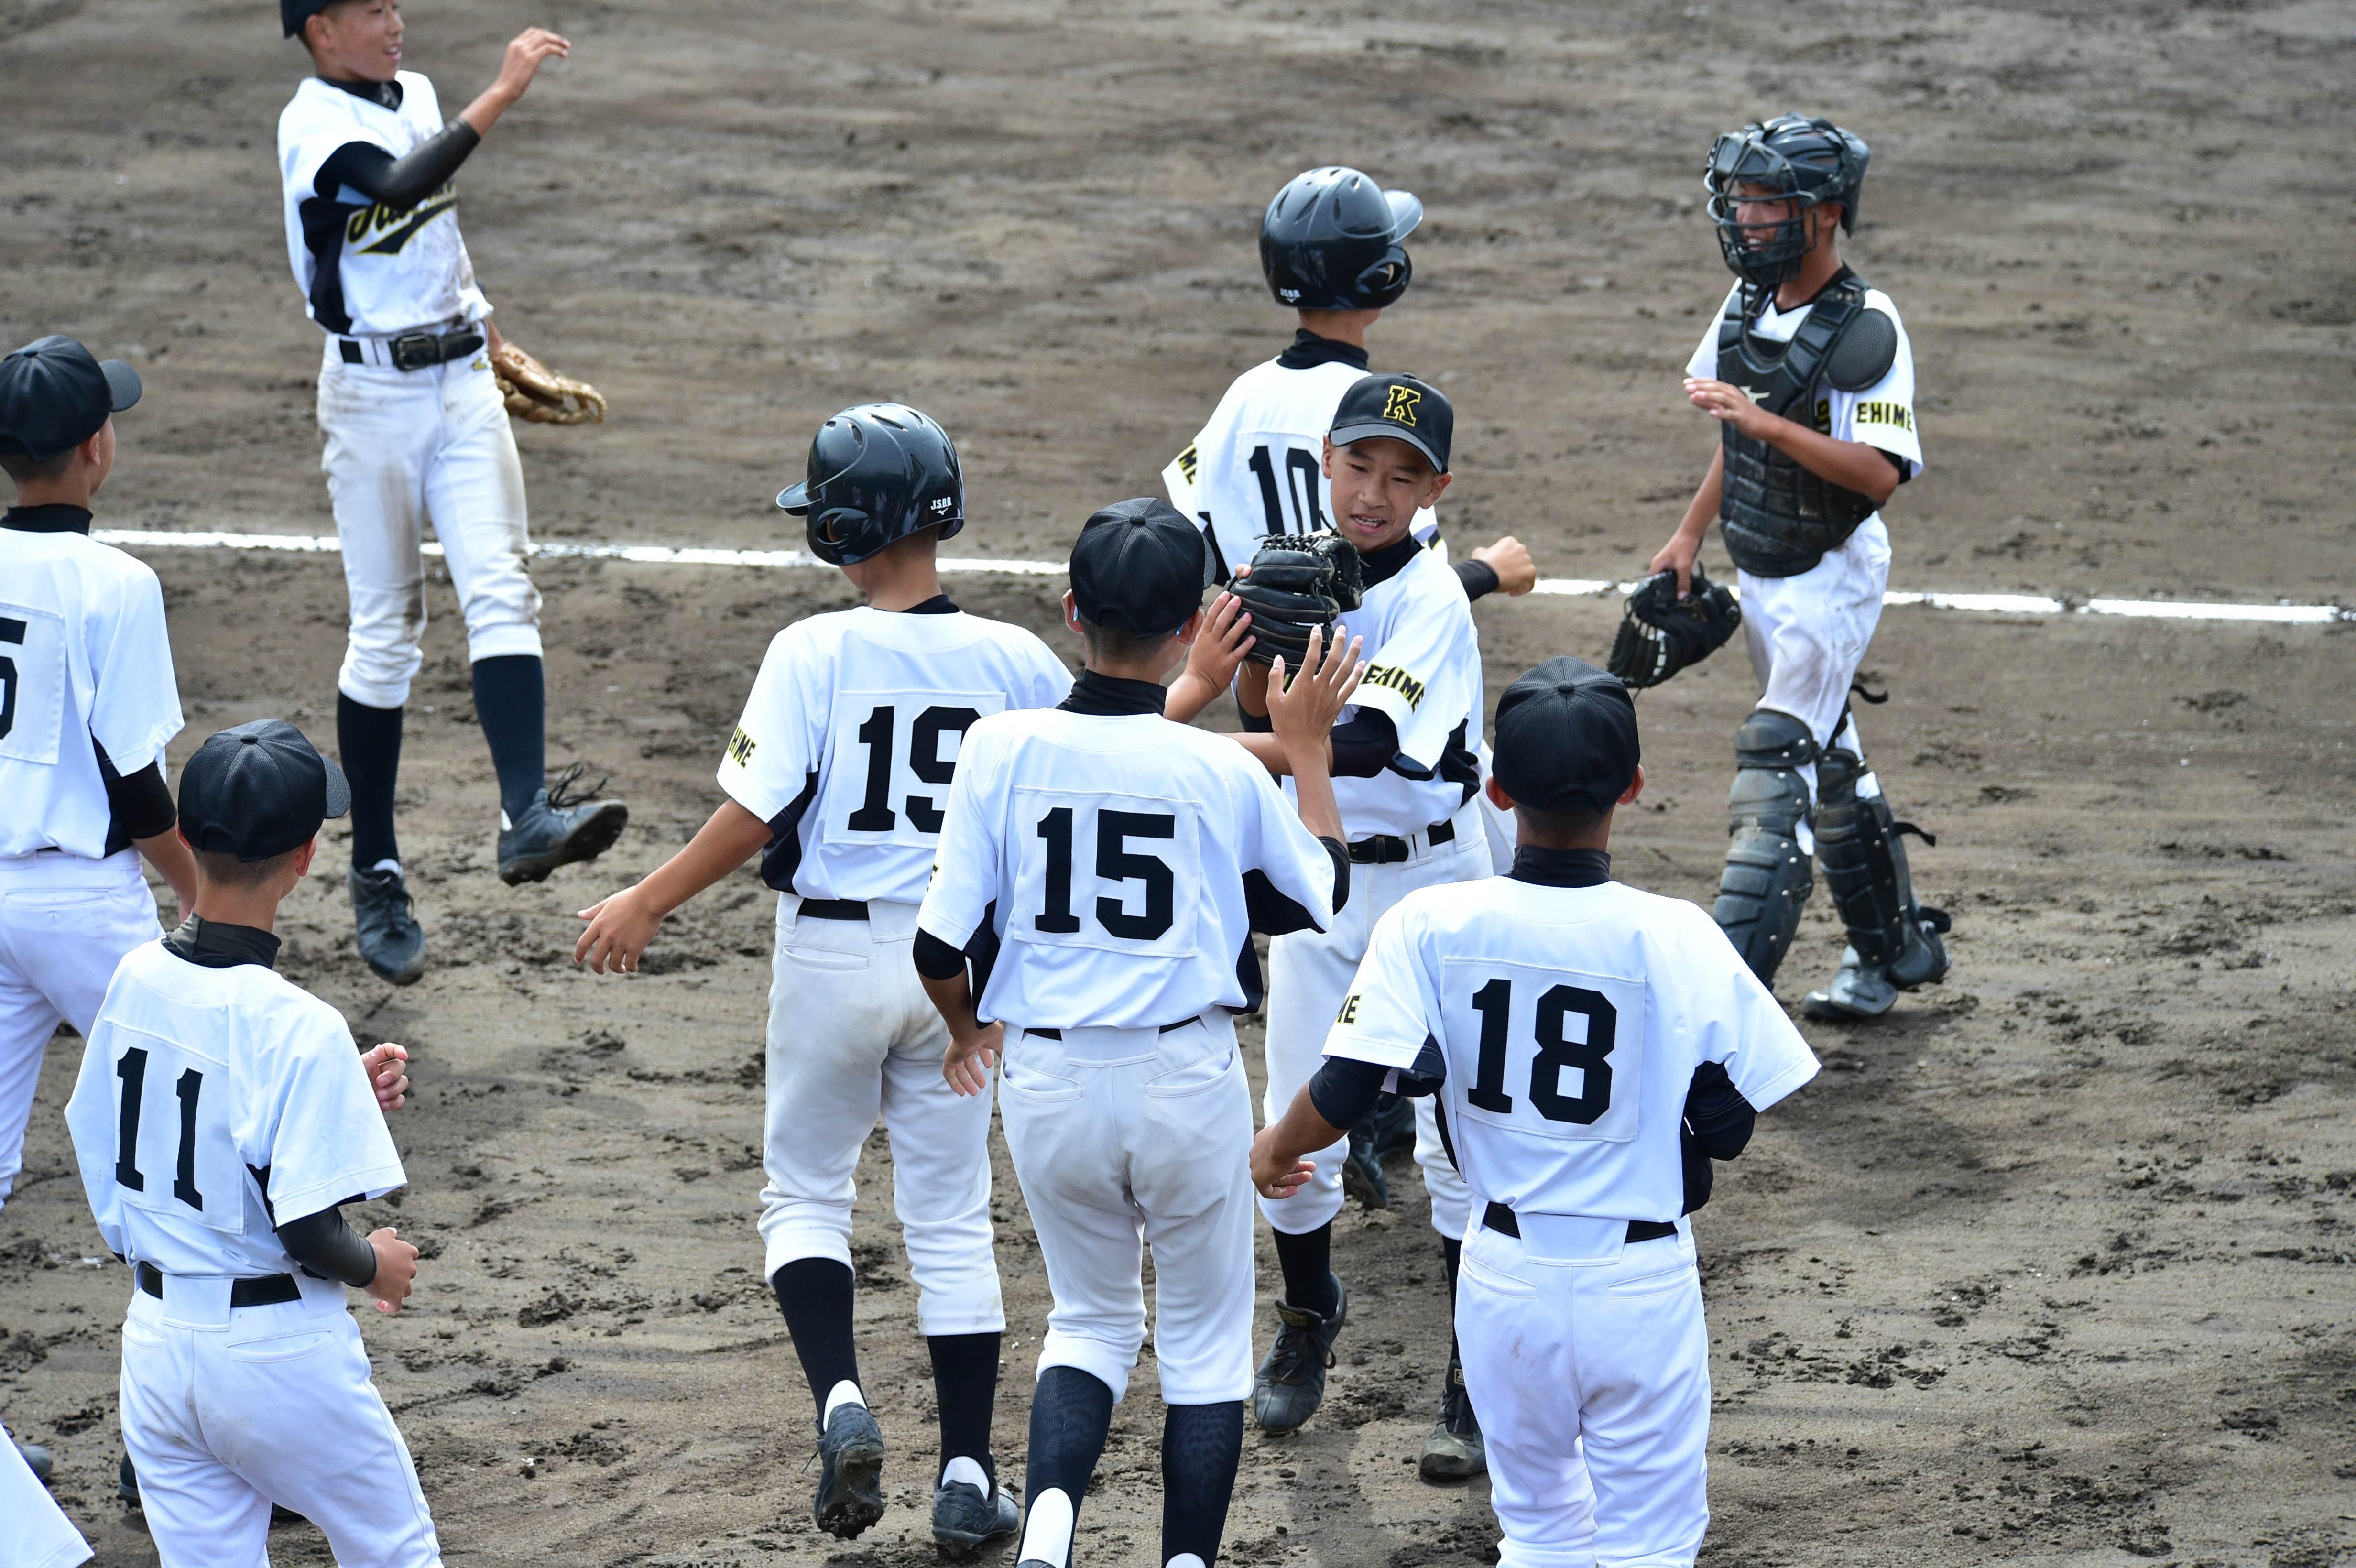 軟式野球 (169)